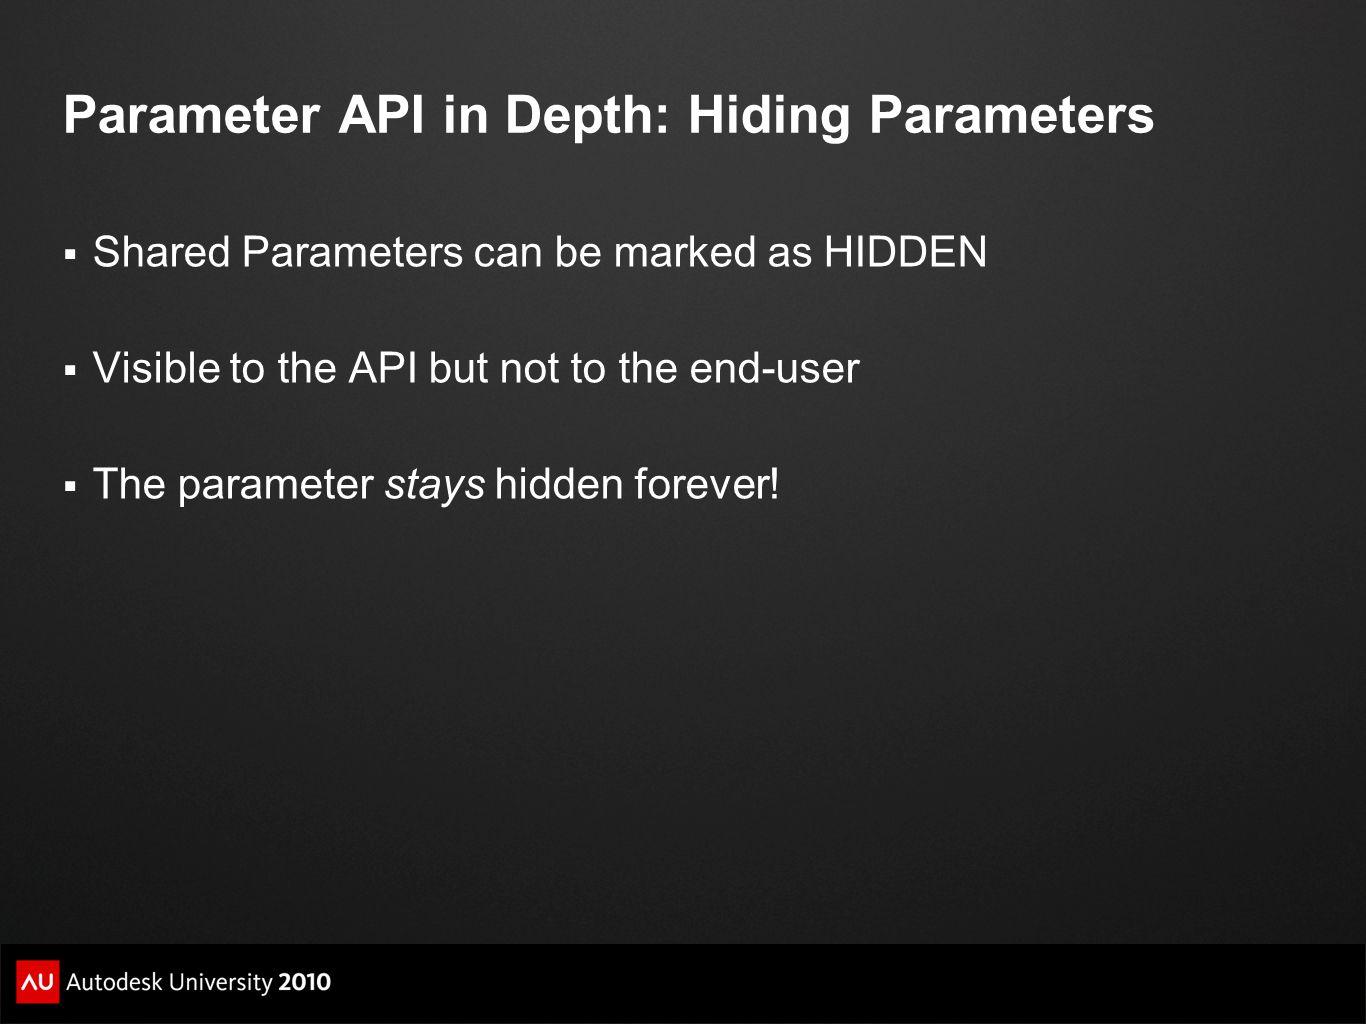 Parameter API in Depth: Hiding Parameters